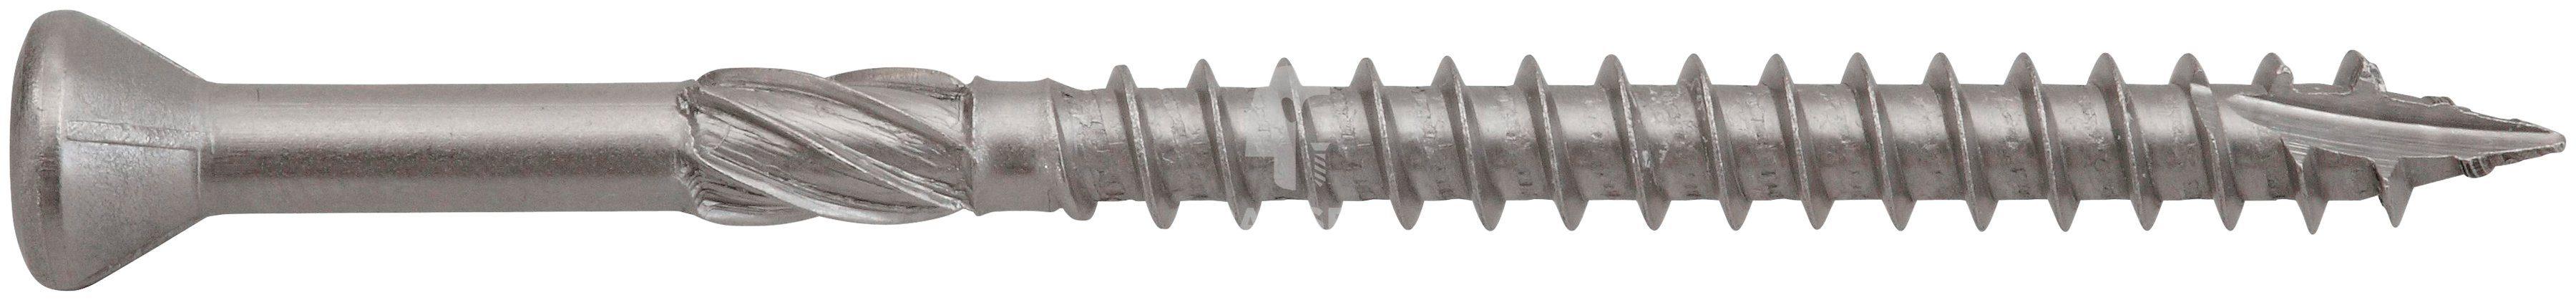 RAMSES Schrauben , Terrassenschraube 5,0 x 80 mm 100 Stk.